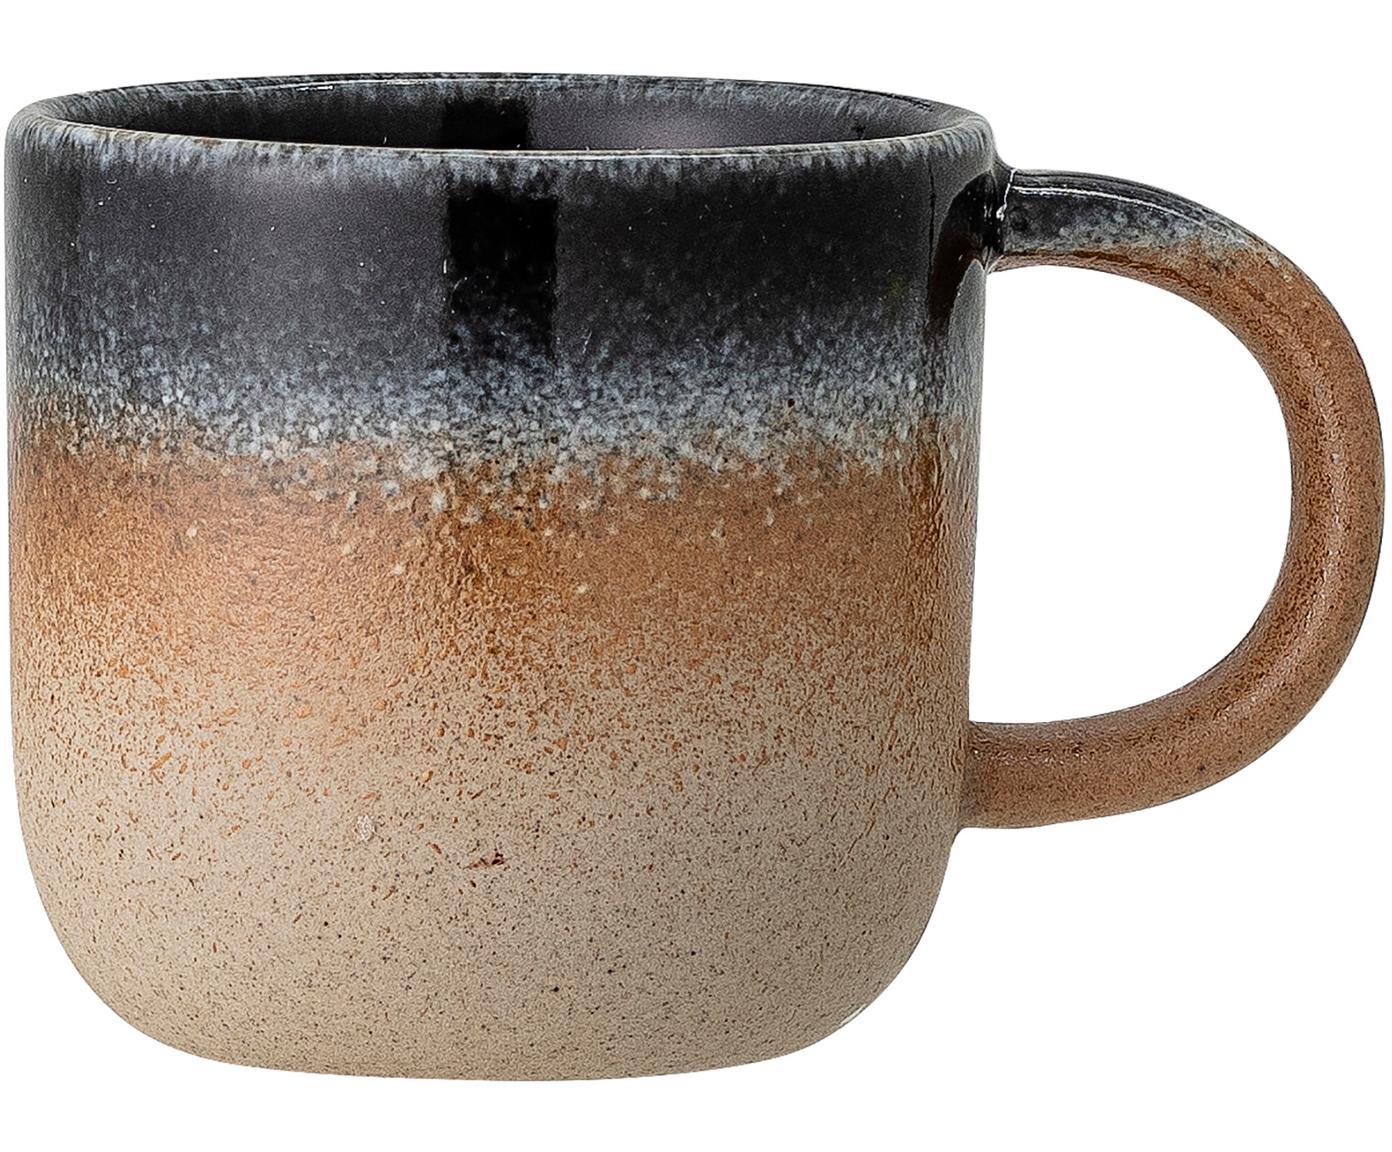 Handgefertigte Tasse Aura, Porzellan, Beige- und Blautöne, Ø 8 x H 8 cm